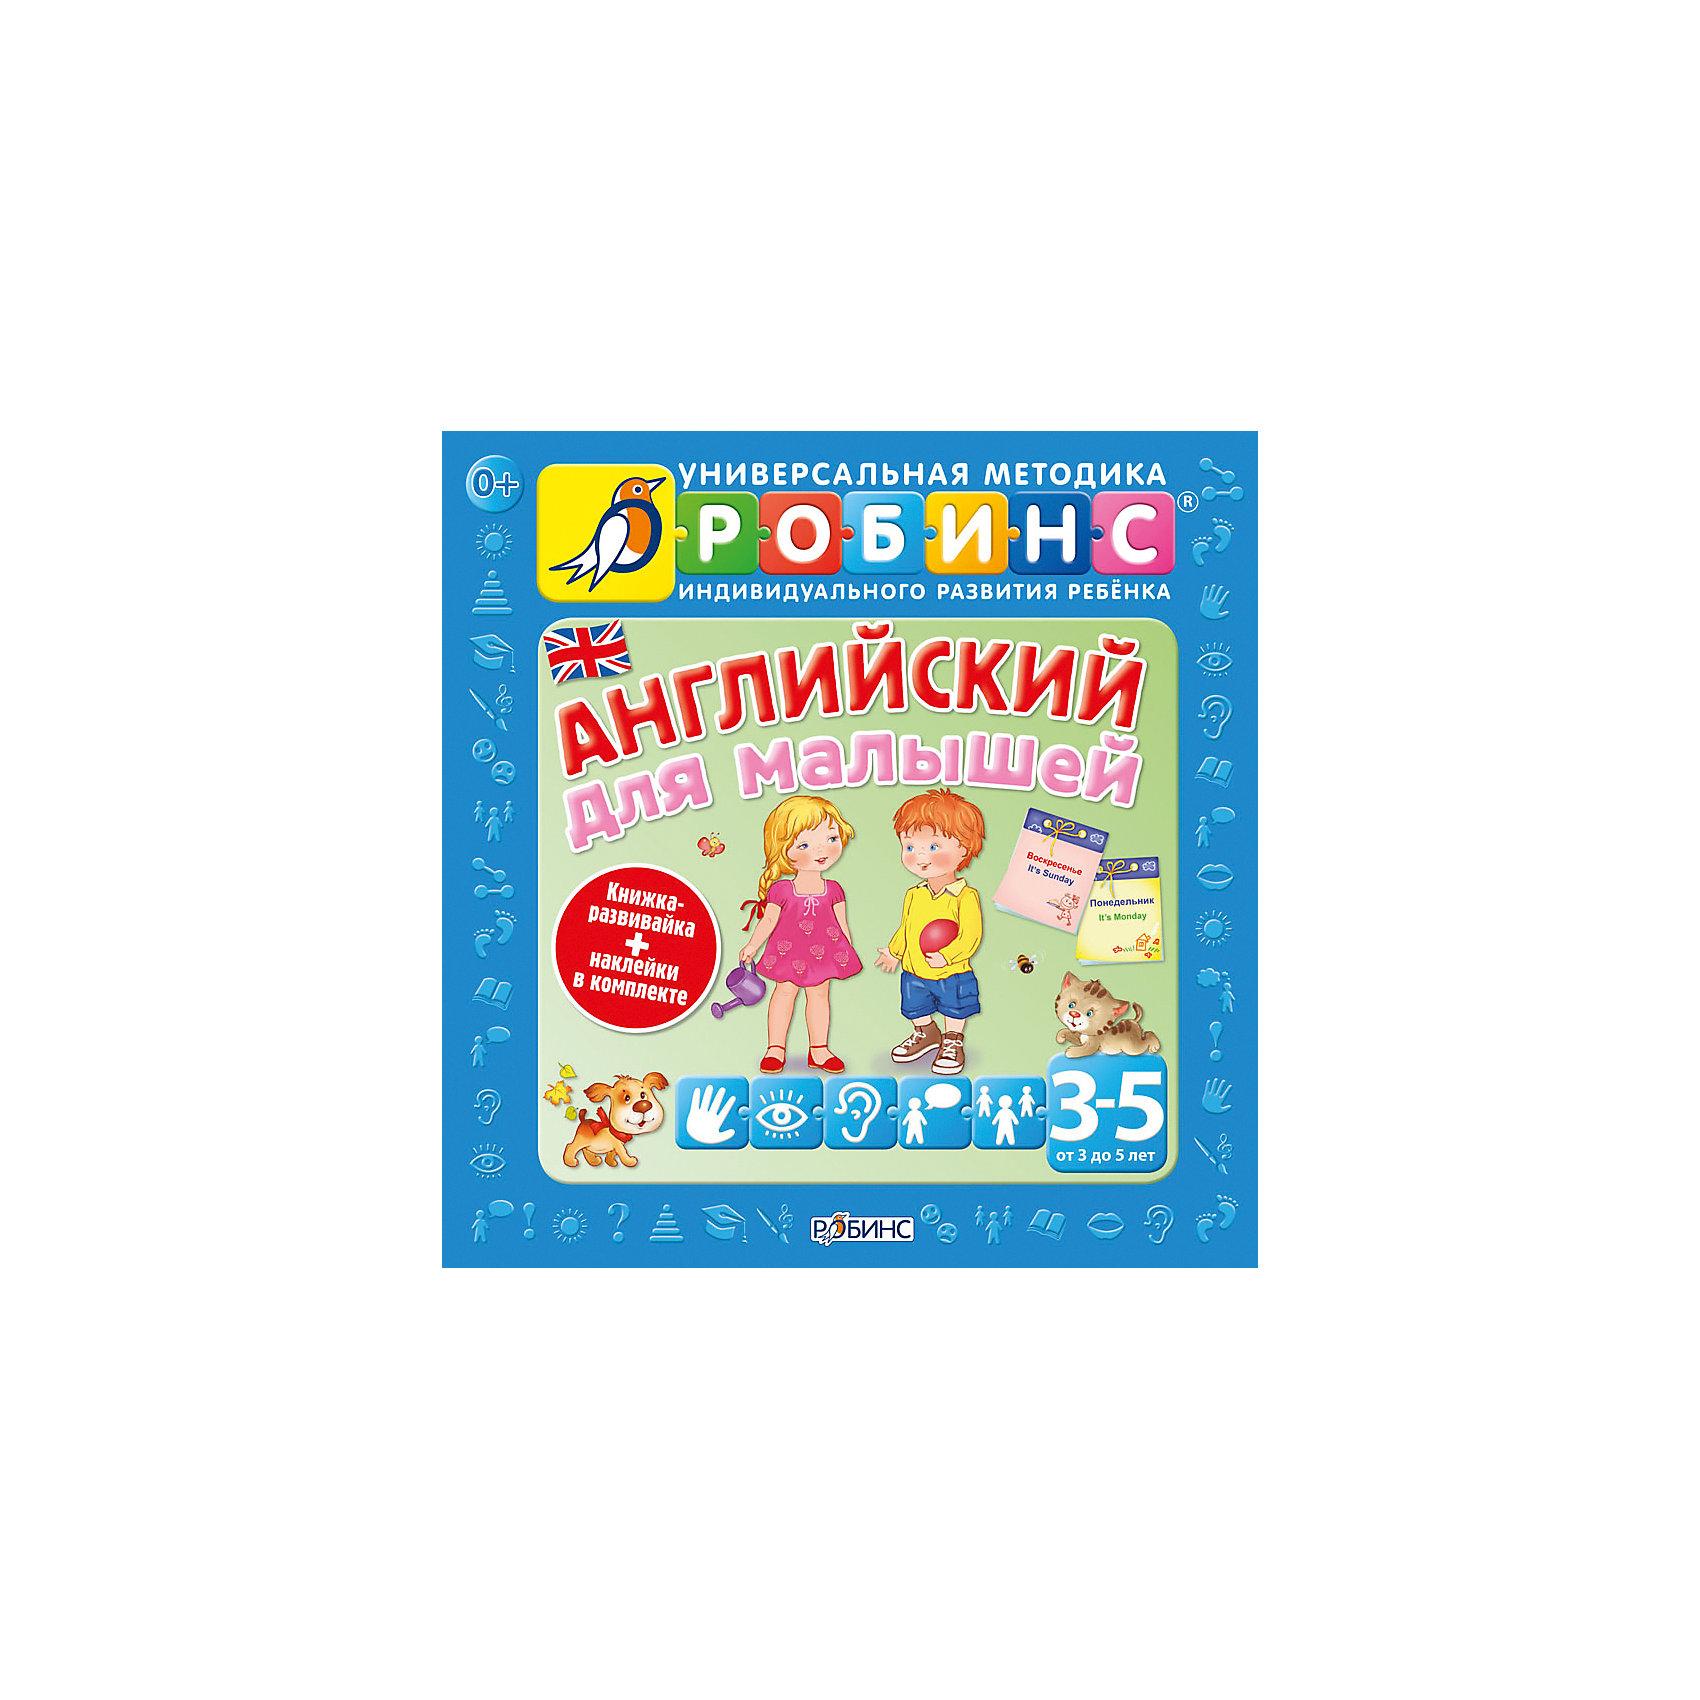 Английский для малышейИностранный язык<br>Уникальные пособие, с помощью которого ваш ребёнок выучит свои первые английские фразы. Занятия английским языком способствуют развитию речи, улучшению памяти и внимания, помогают в развитии социальных навыков. Подобранные фраз очень просты и вашему ребенку будет несложно запомнить их.<br><br>Ширина мм: 215<br>Глубина мм: 210<br>Высота мм: 10<br>Вес г: 215<br>Возраст от месяцев: 36<br>Возраст до месяцев: 84<br>Пол: Унисекс<br>Возраст: Детский<br>SKU: 5034125